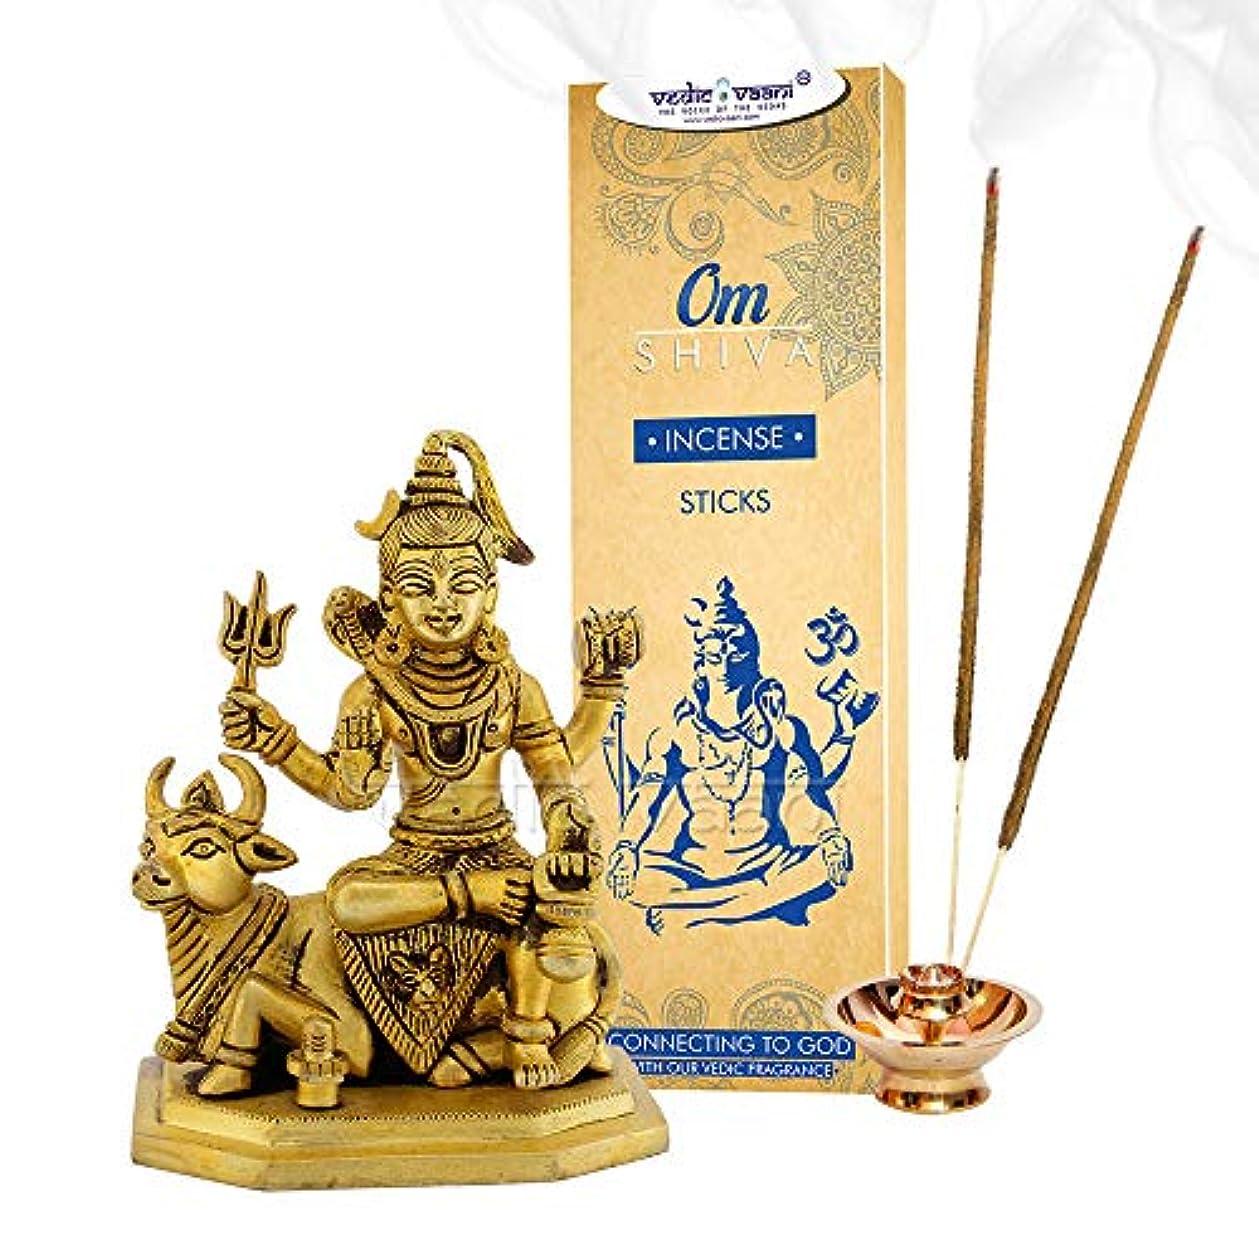 周術期耕す醸造所Vedic Vaani Bhagwan シャンカー シーヴァ インセンススティック付き Divine Bull Nandi